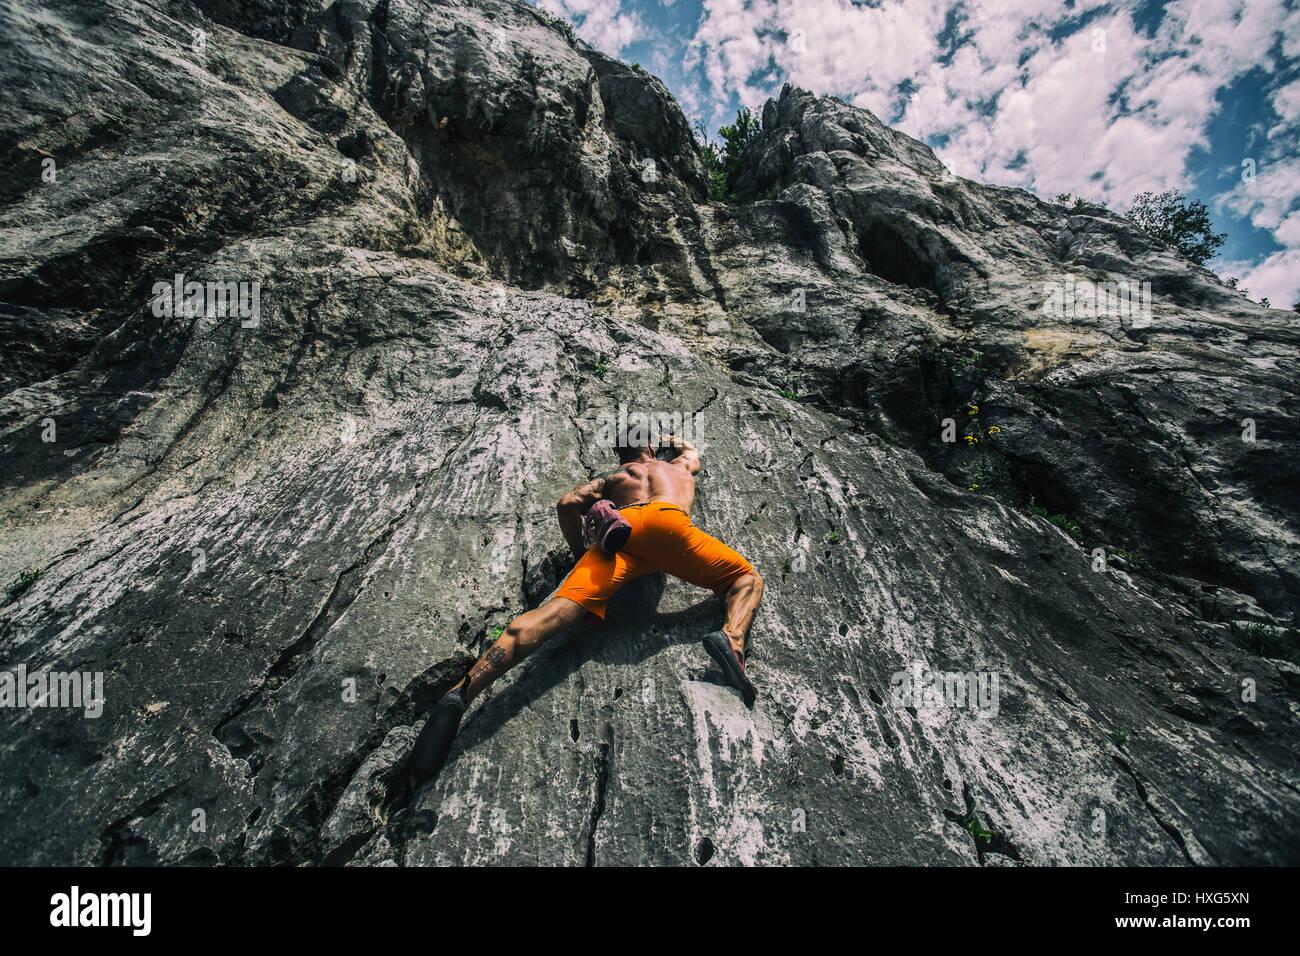 Athlet ist Felsen klettern. Stockbild